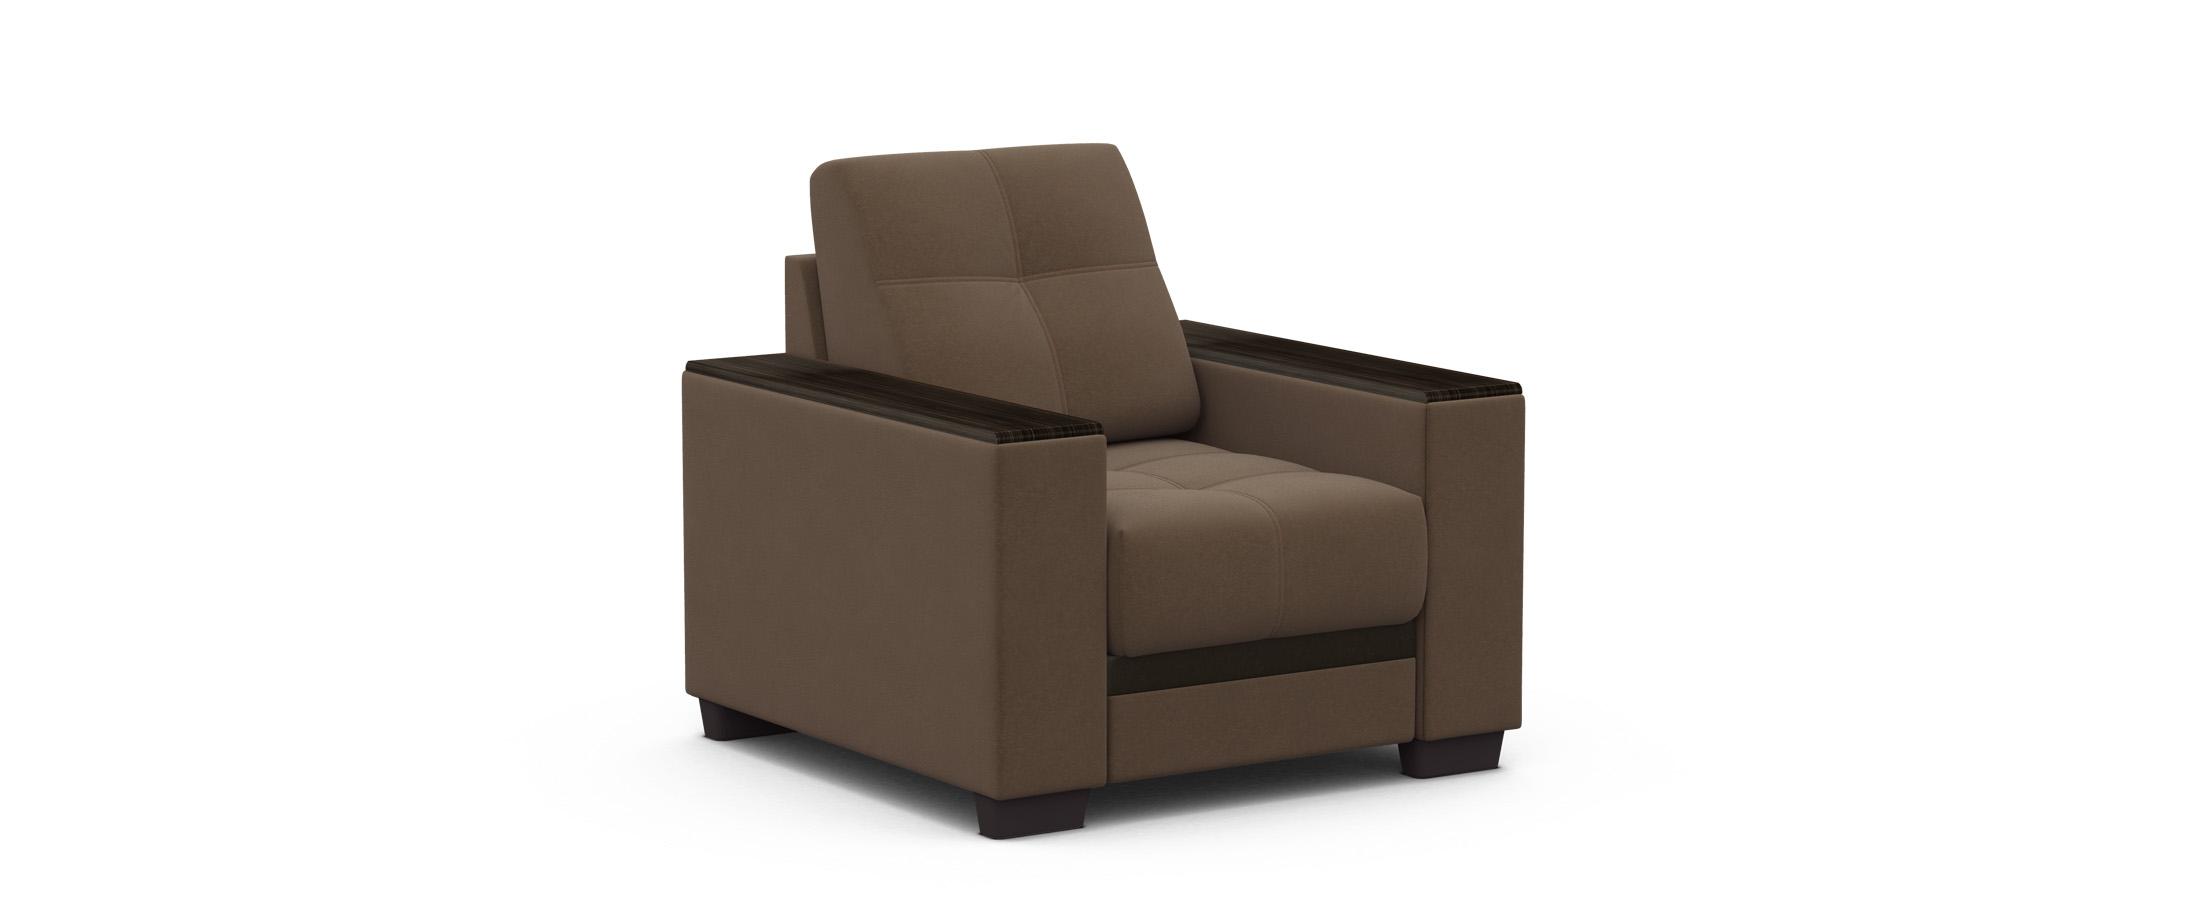 Кресло тканевое Атланта 066Купить коричневое кресло-кровать Атланта 066. Доставка от 1 дня. Подъём, сборка, вынос упаковки. Гарантия 18 месяцев. Интернет-магазин мебели MOON-TRADE.RU<br><br>Ширина см: 91<br>Глубина см: 98<br>Высота см: 90<br>Глубина посадочного места см: 60<br>Основание: Пружинные змейки<br>Механизм: Без механизма<br>Цвет декора: Венге<br>Цвет: Коричневый<br>Материал: Велюр, Экокожа<br>Мягкий настил: ППУ<br>Каркас: Массив дерева